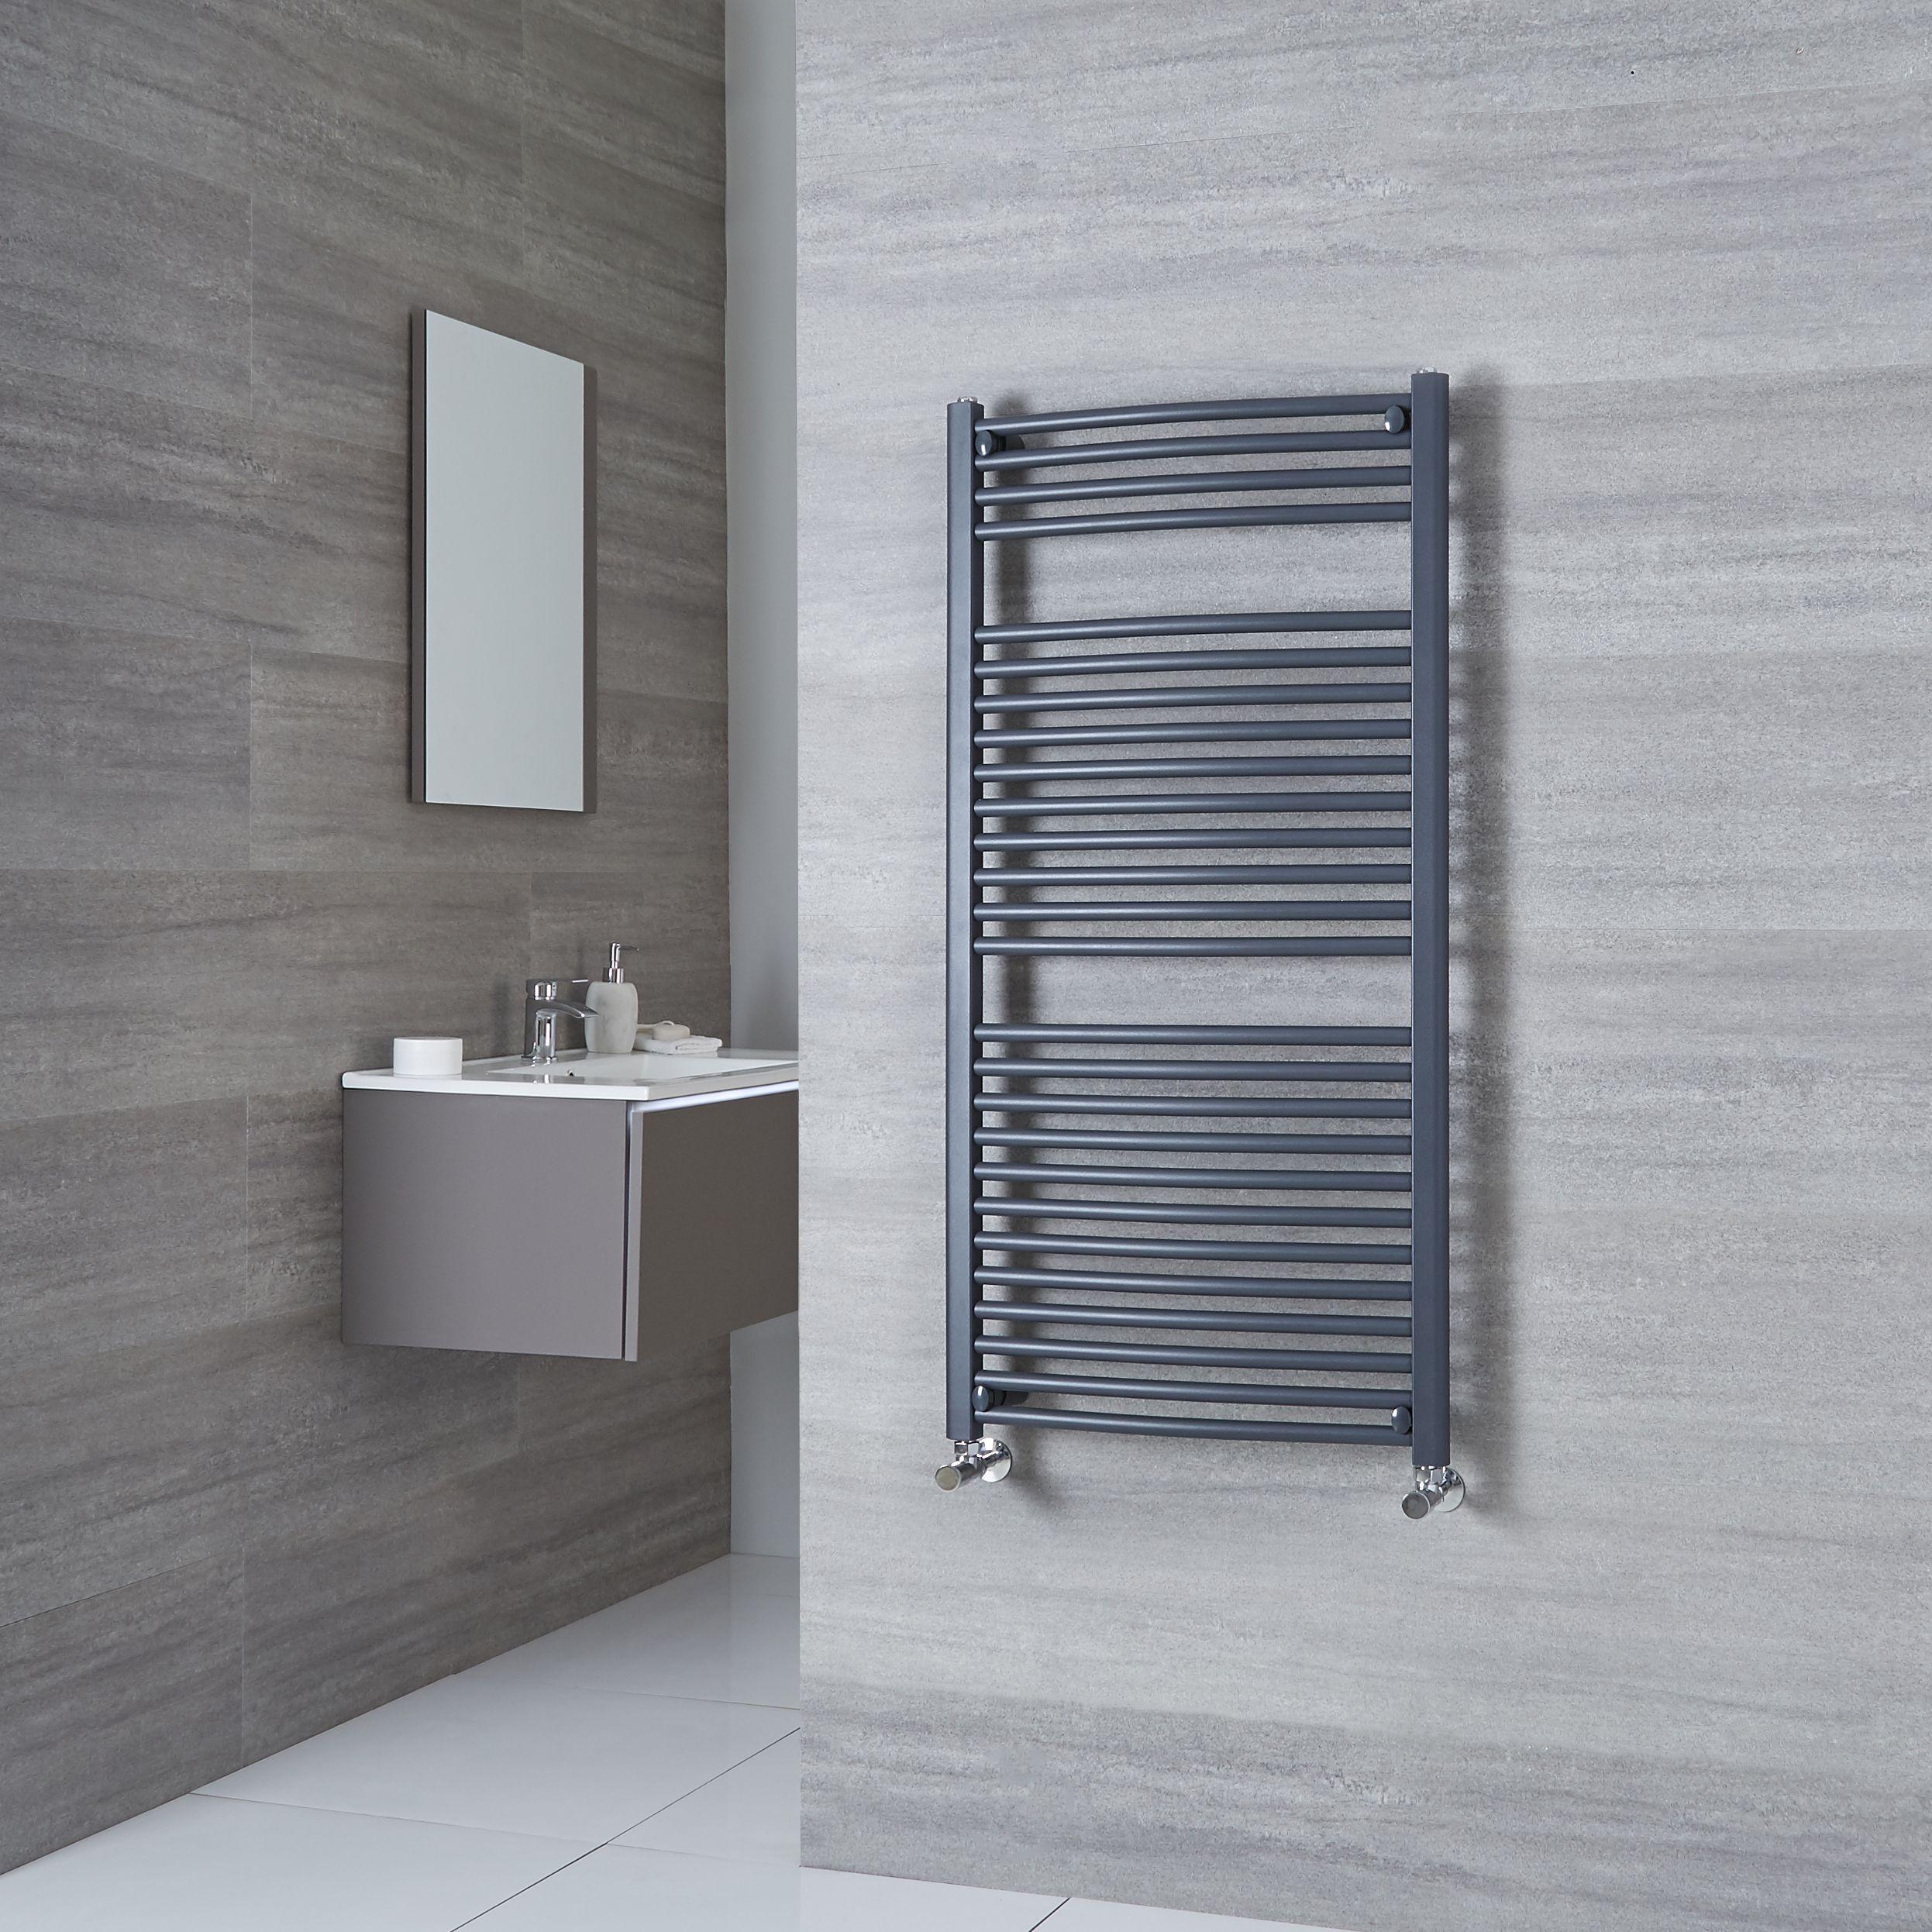 Bathroom Heated Towel Racks Image Of